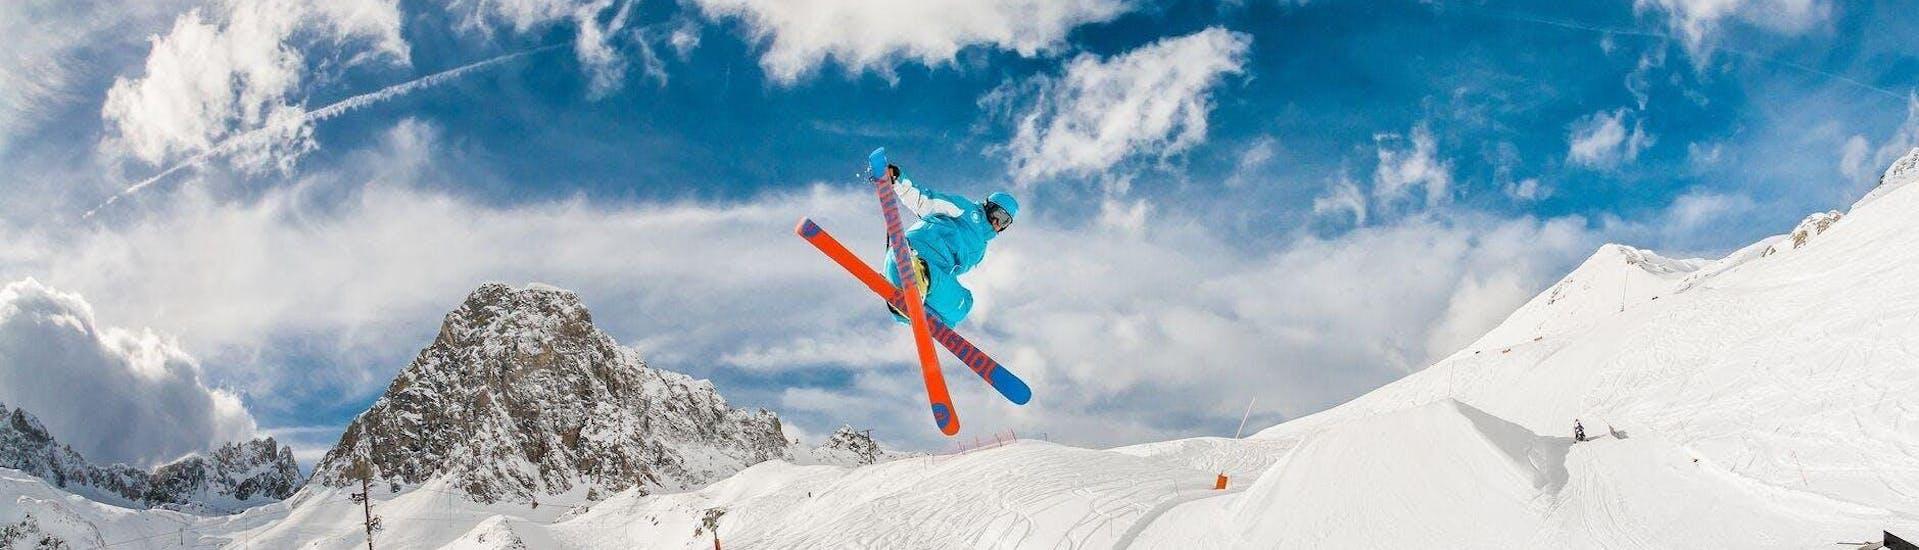 Une personne prend un Cours de ski freeride pour expérimentés - Blue Rider Team avec St Christophe Les Deux Alpes.